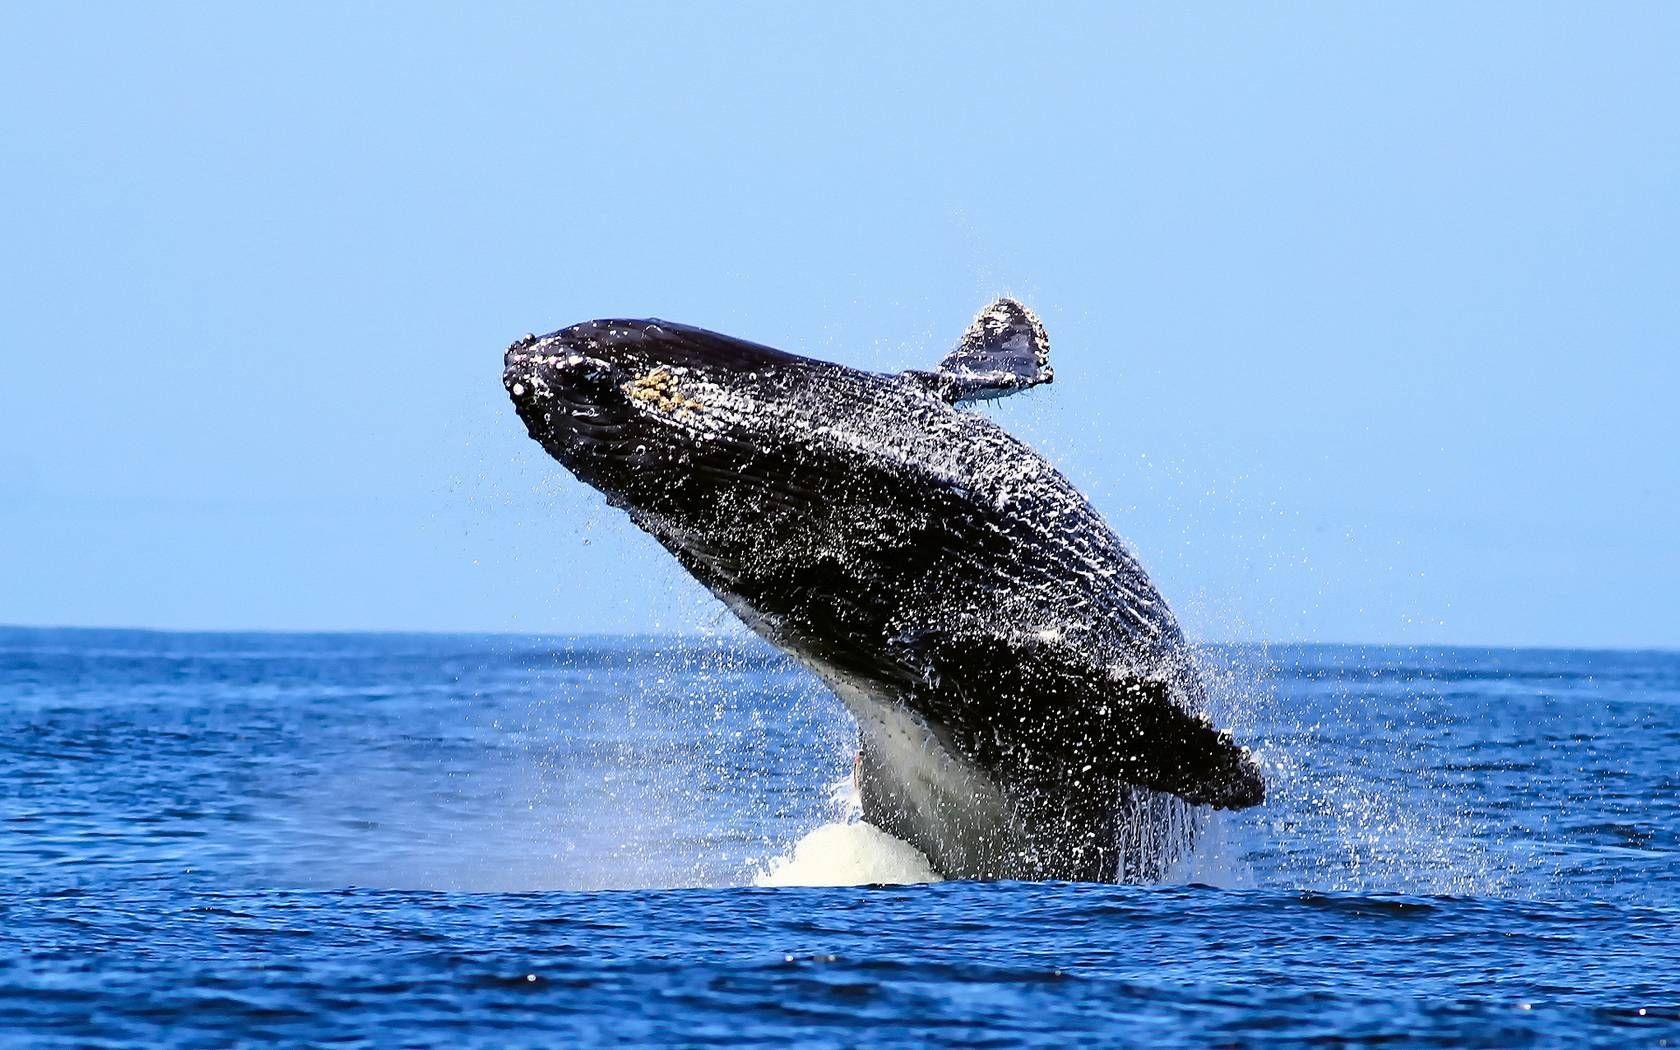 Full HD p Whale Wallpapers HD, Desktop Backgrounds  1680×1050 Whale Wallpapers (48 Wallpapers) | Adorable Wallpapers